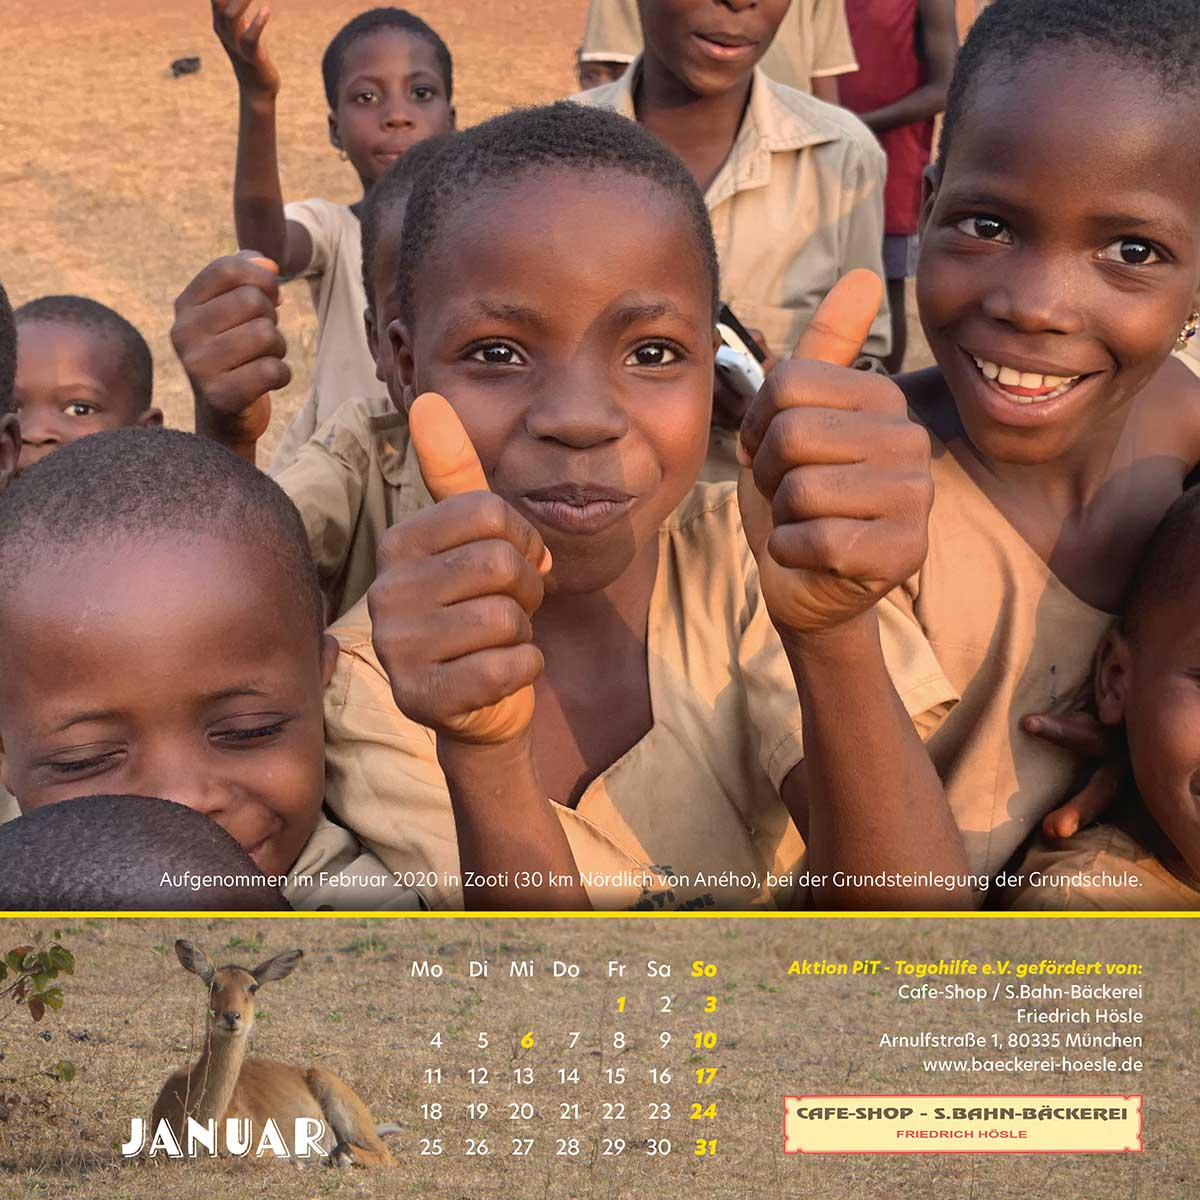 Togo-Kalender 2021 - Januar